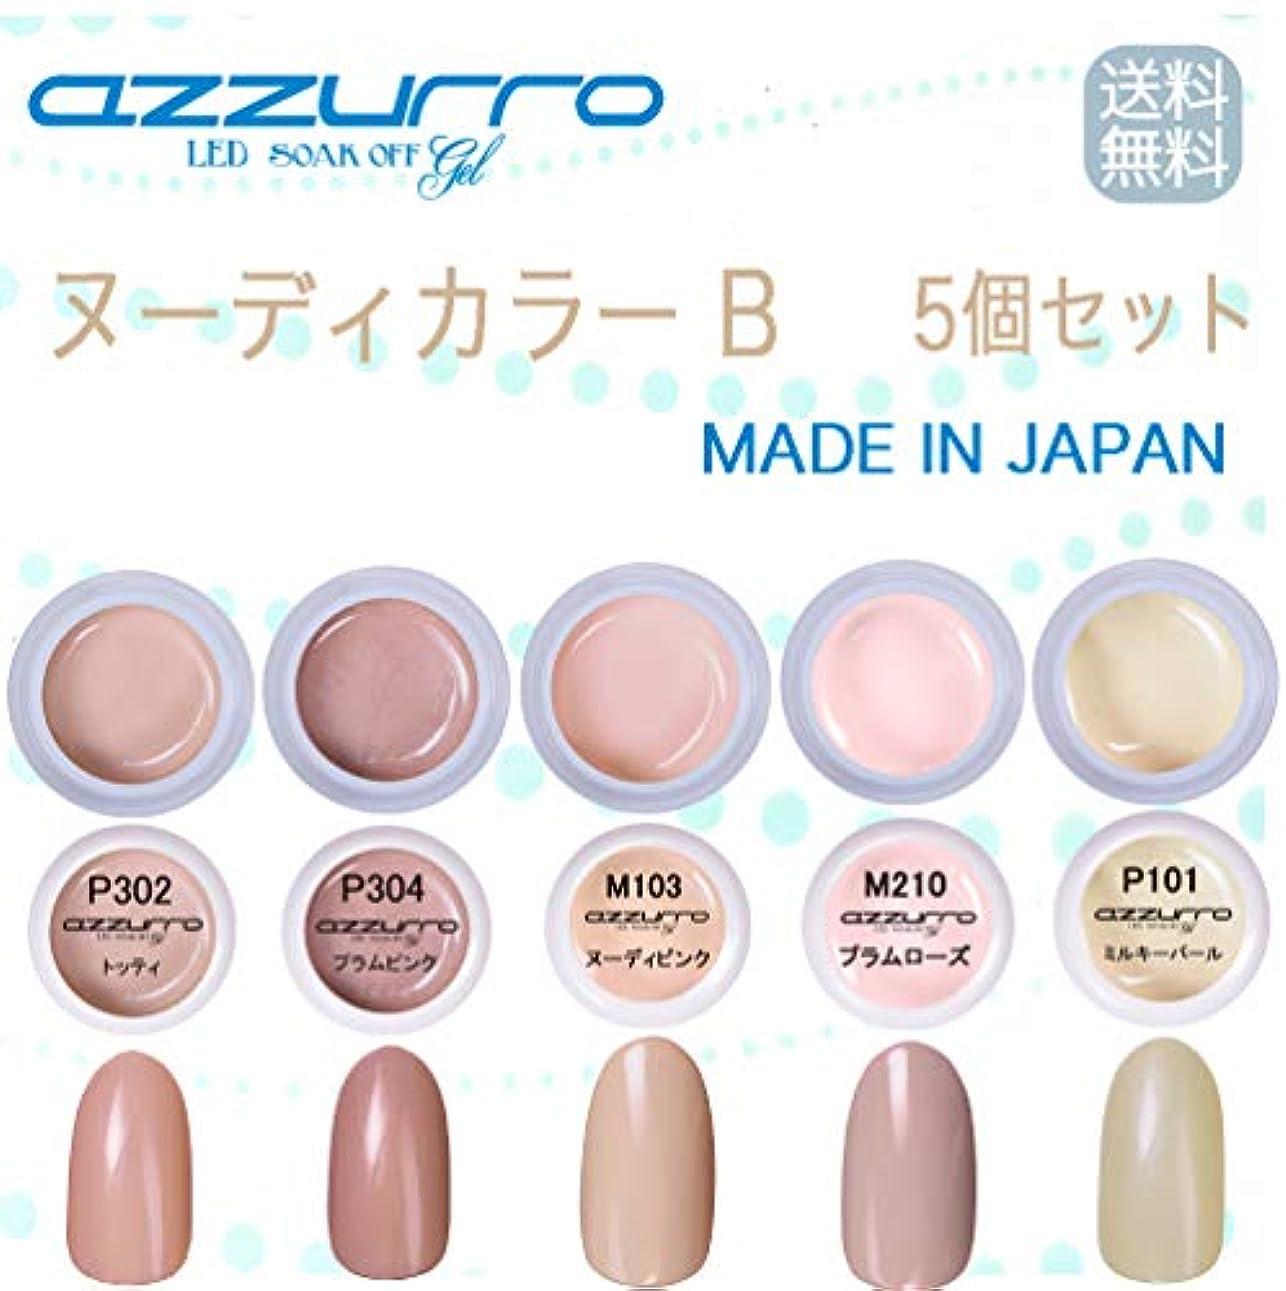 スズメバチ人工系統的【送料無料】日本製 azzurro gel ヌーディカラージェルB5個セット ヌーデイで扱いやすいパールも入った人気カラー